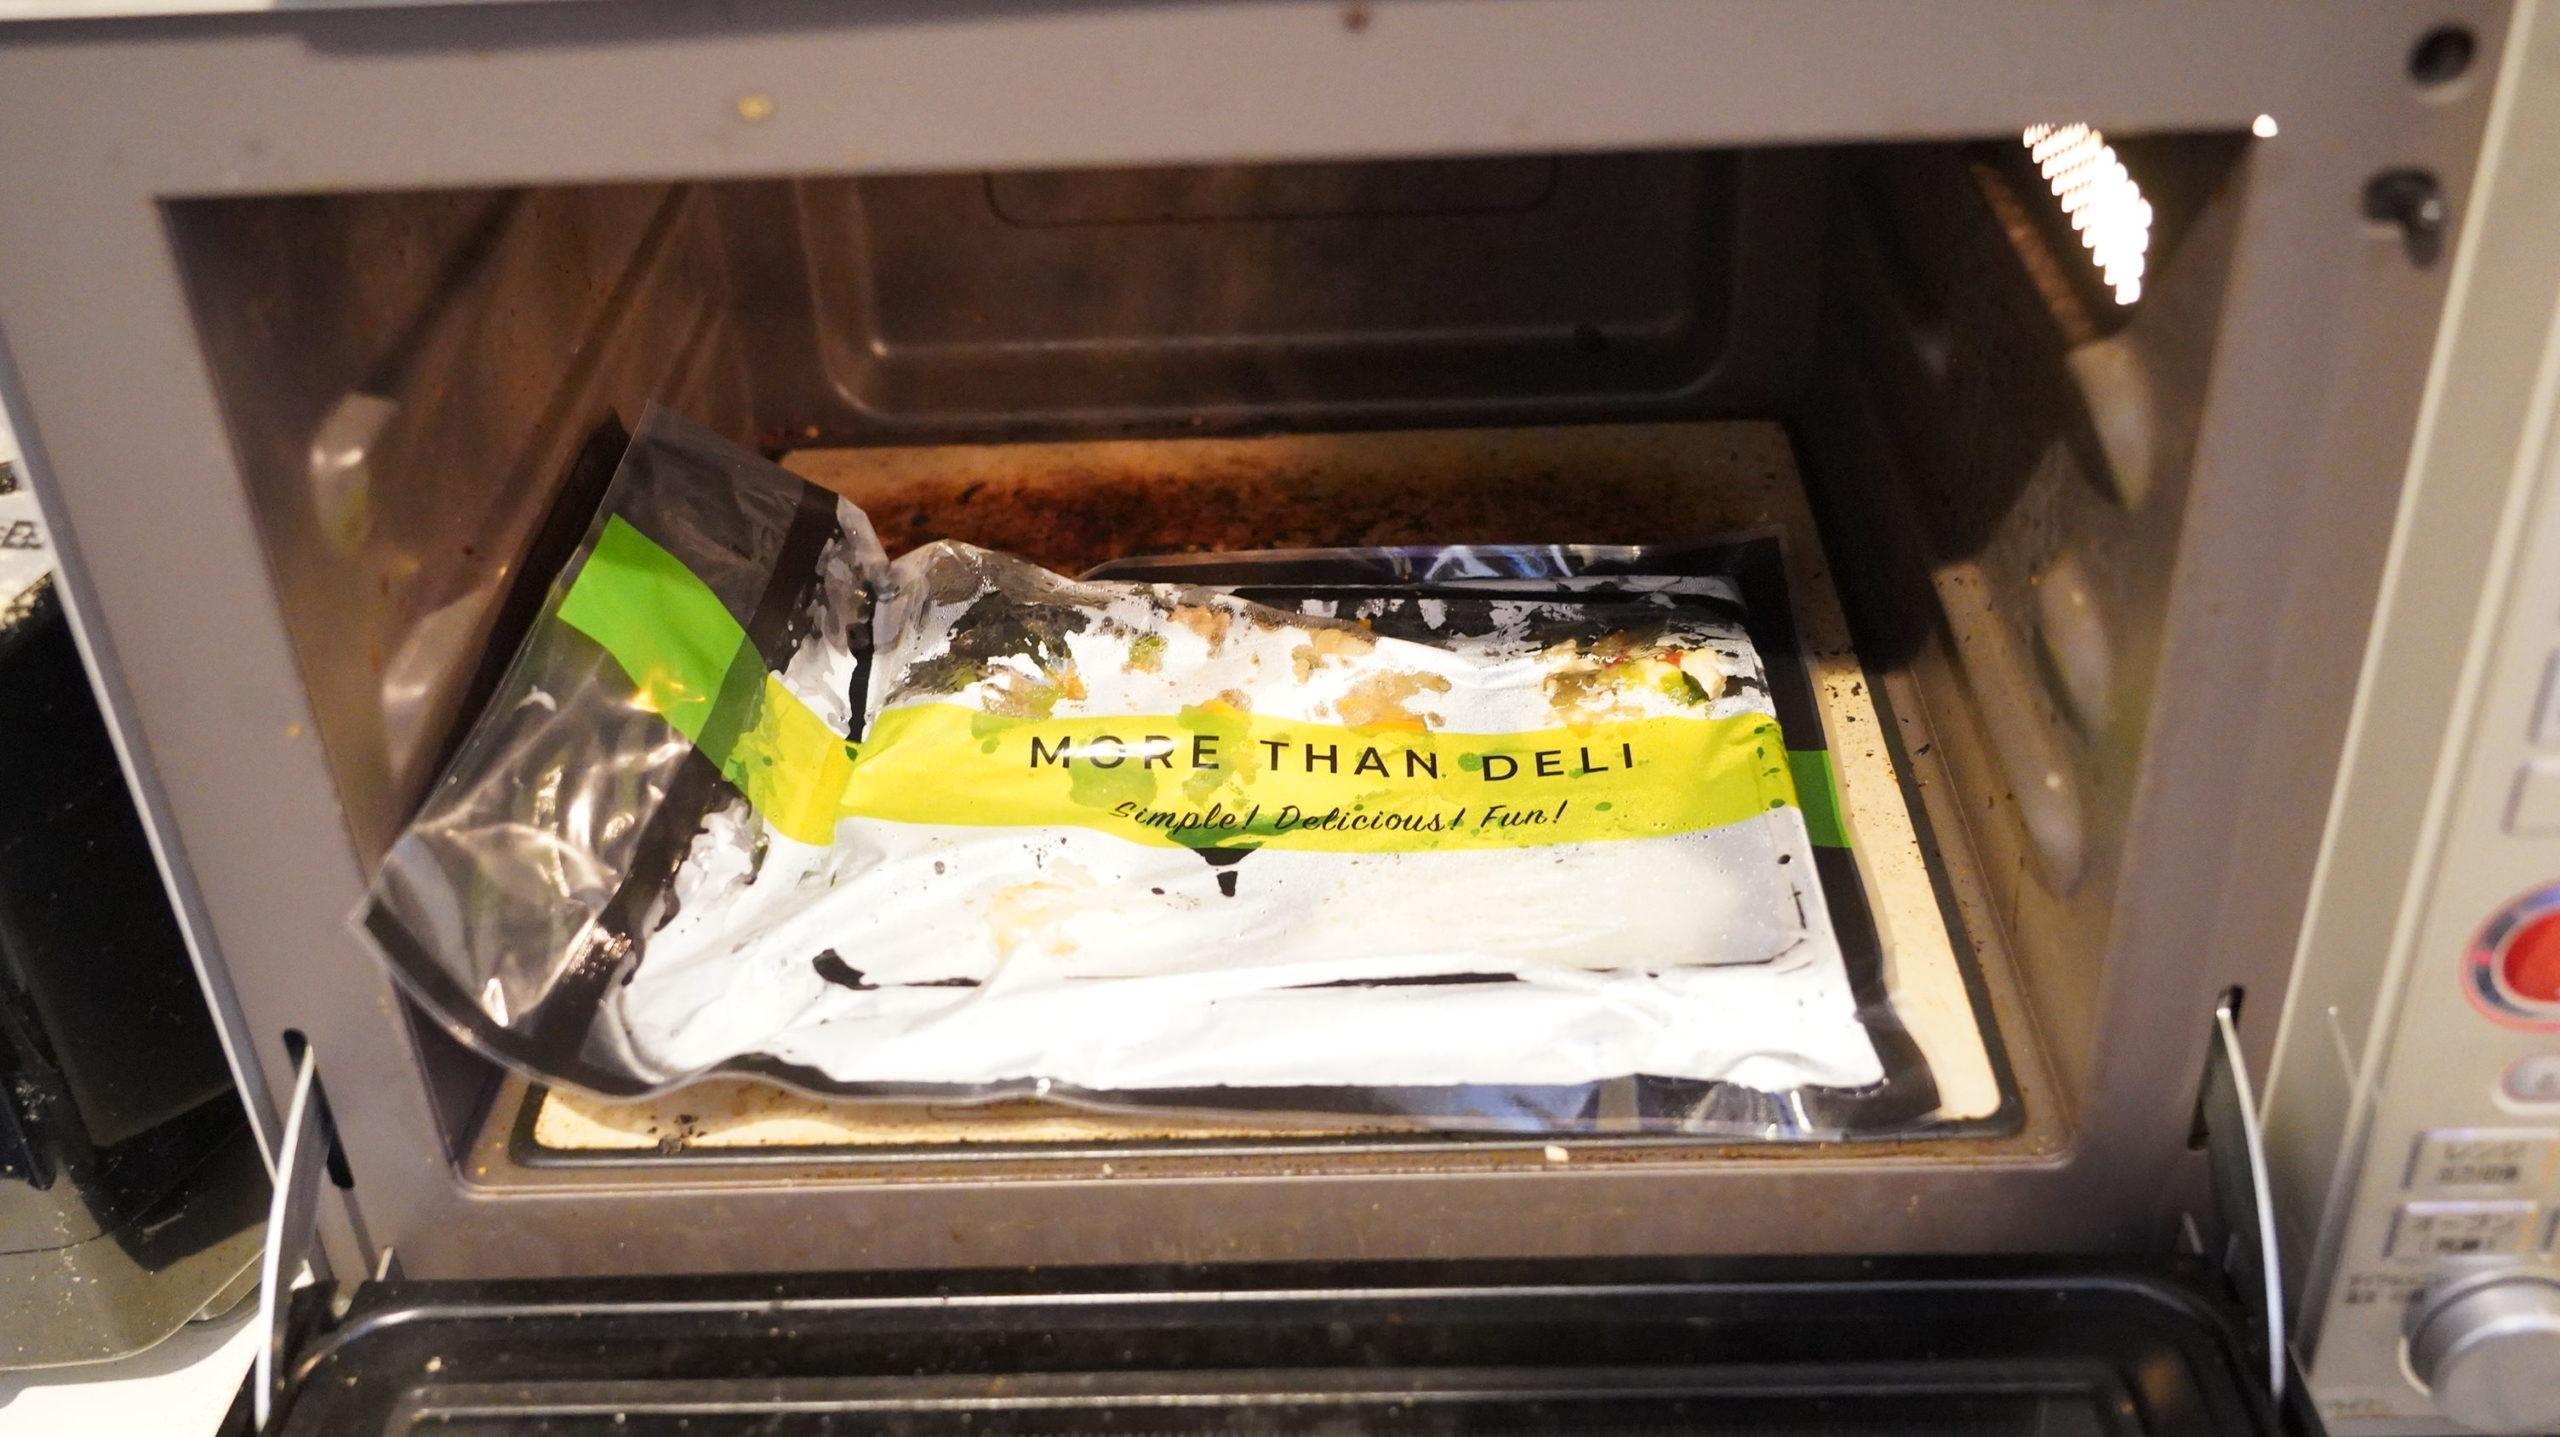 More than Deli(モアザンデリ)の冷凍弁当「鶏肉と野菜の黒酢あんかけ」を電子レンジで加熱完了した写真